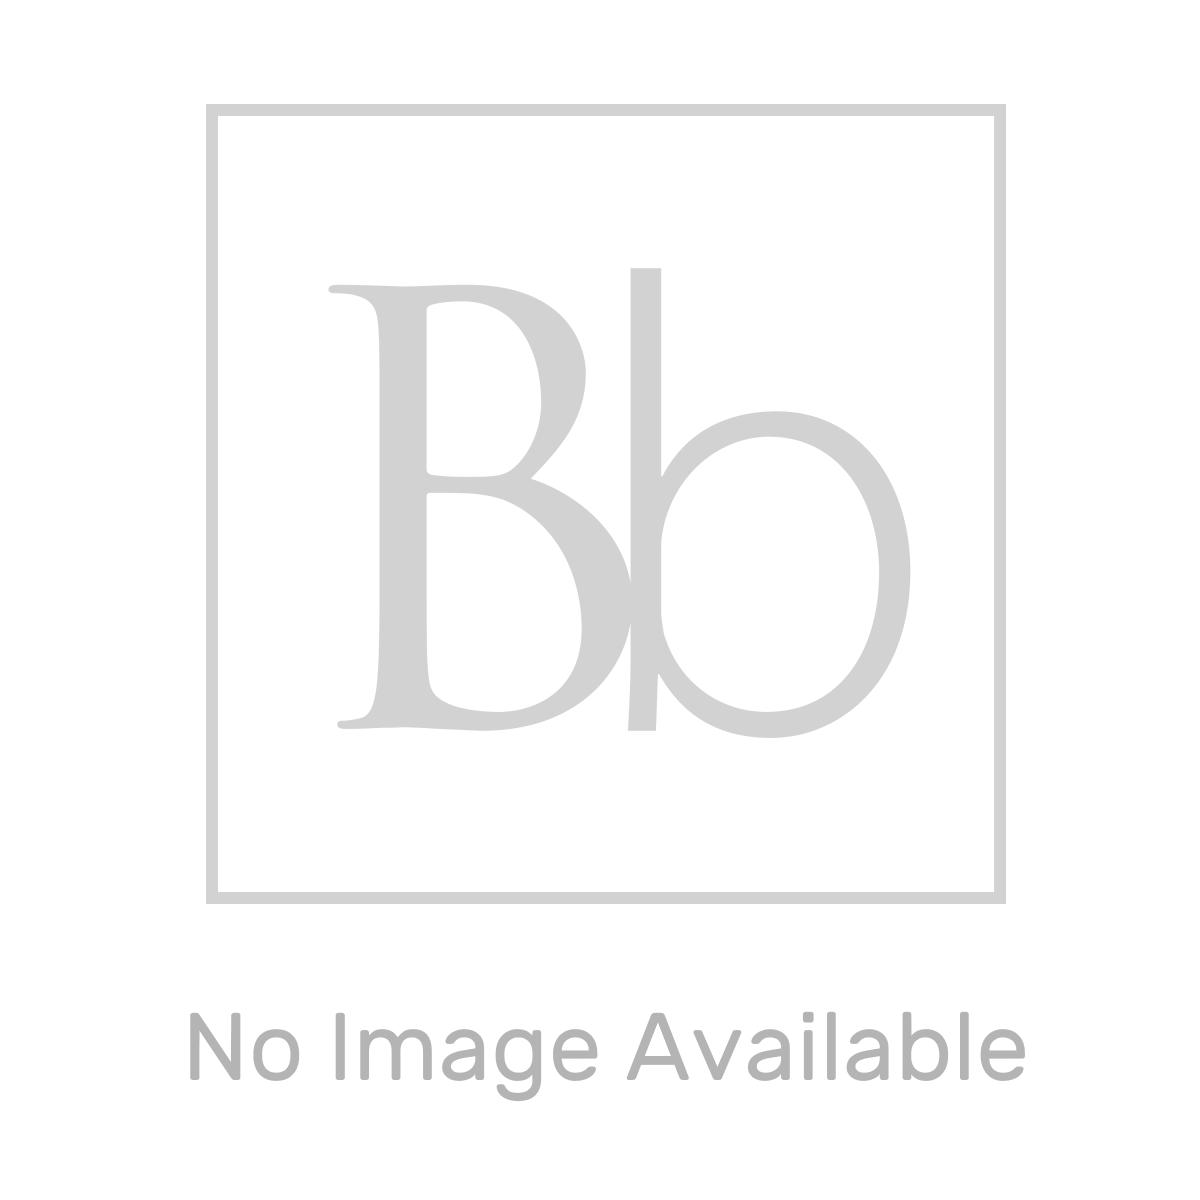 RAK Surface Light Sand Matt Tile 600 x 600mm